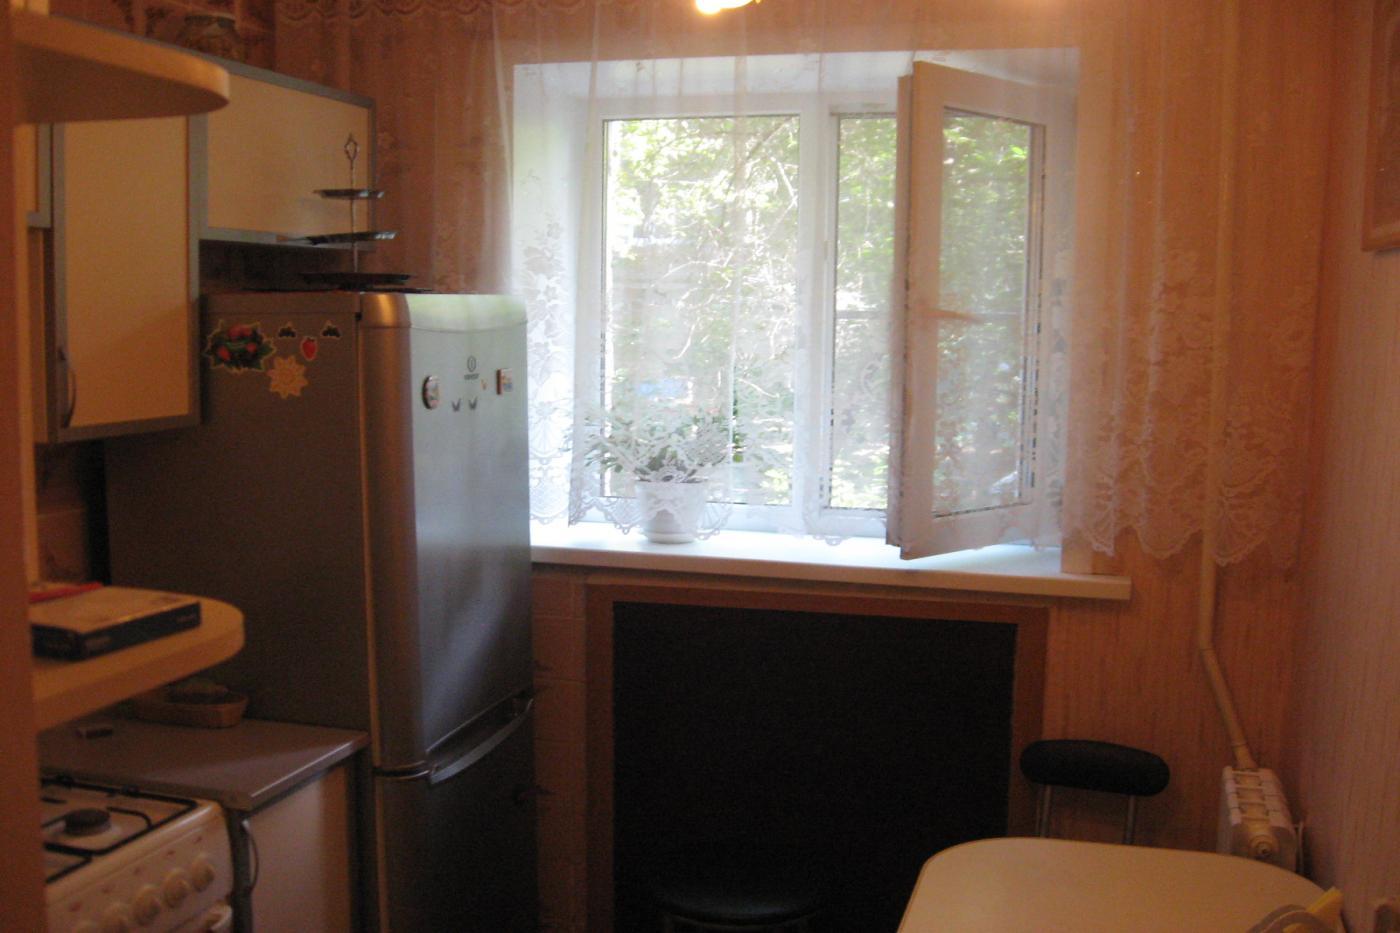 1-комнатная квартира посуточно (вариант № 2676), ул. Ворошилова улица, фото № 4